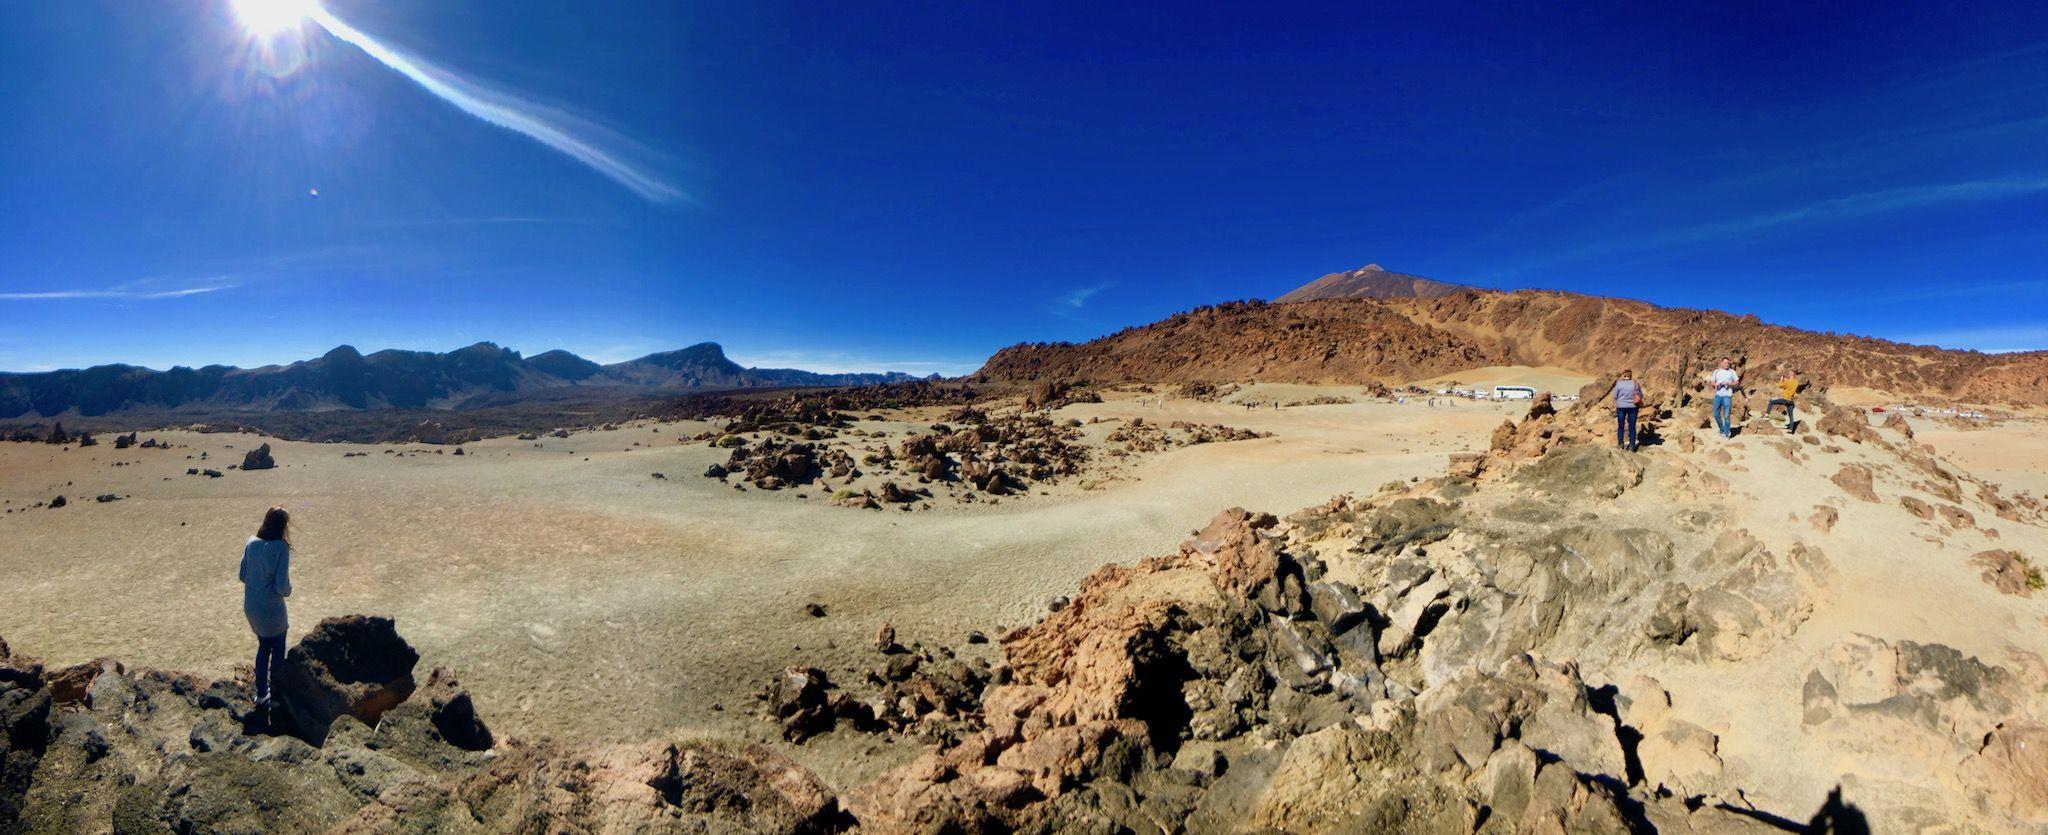 Mondlandschaft: auf dem Hochplateau am Fuß des Teide kann man Lavaströme und kuriose Gesteinsformationen sehen. Foto: Sascha Tegtmeyer